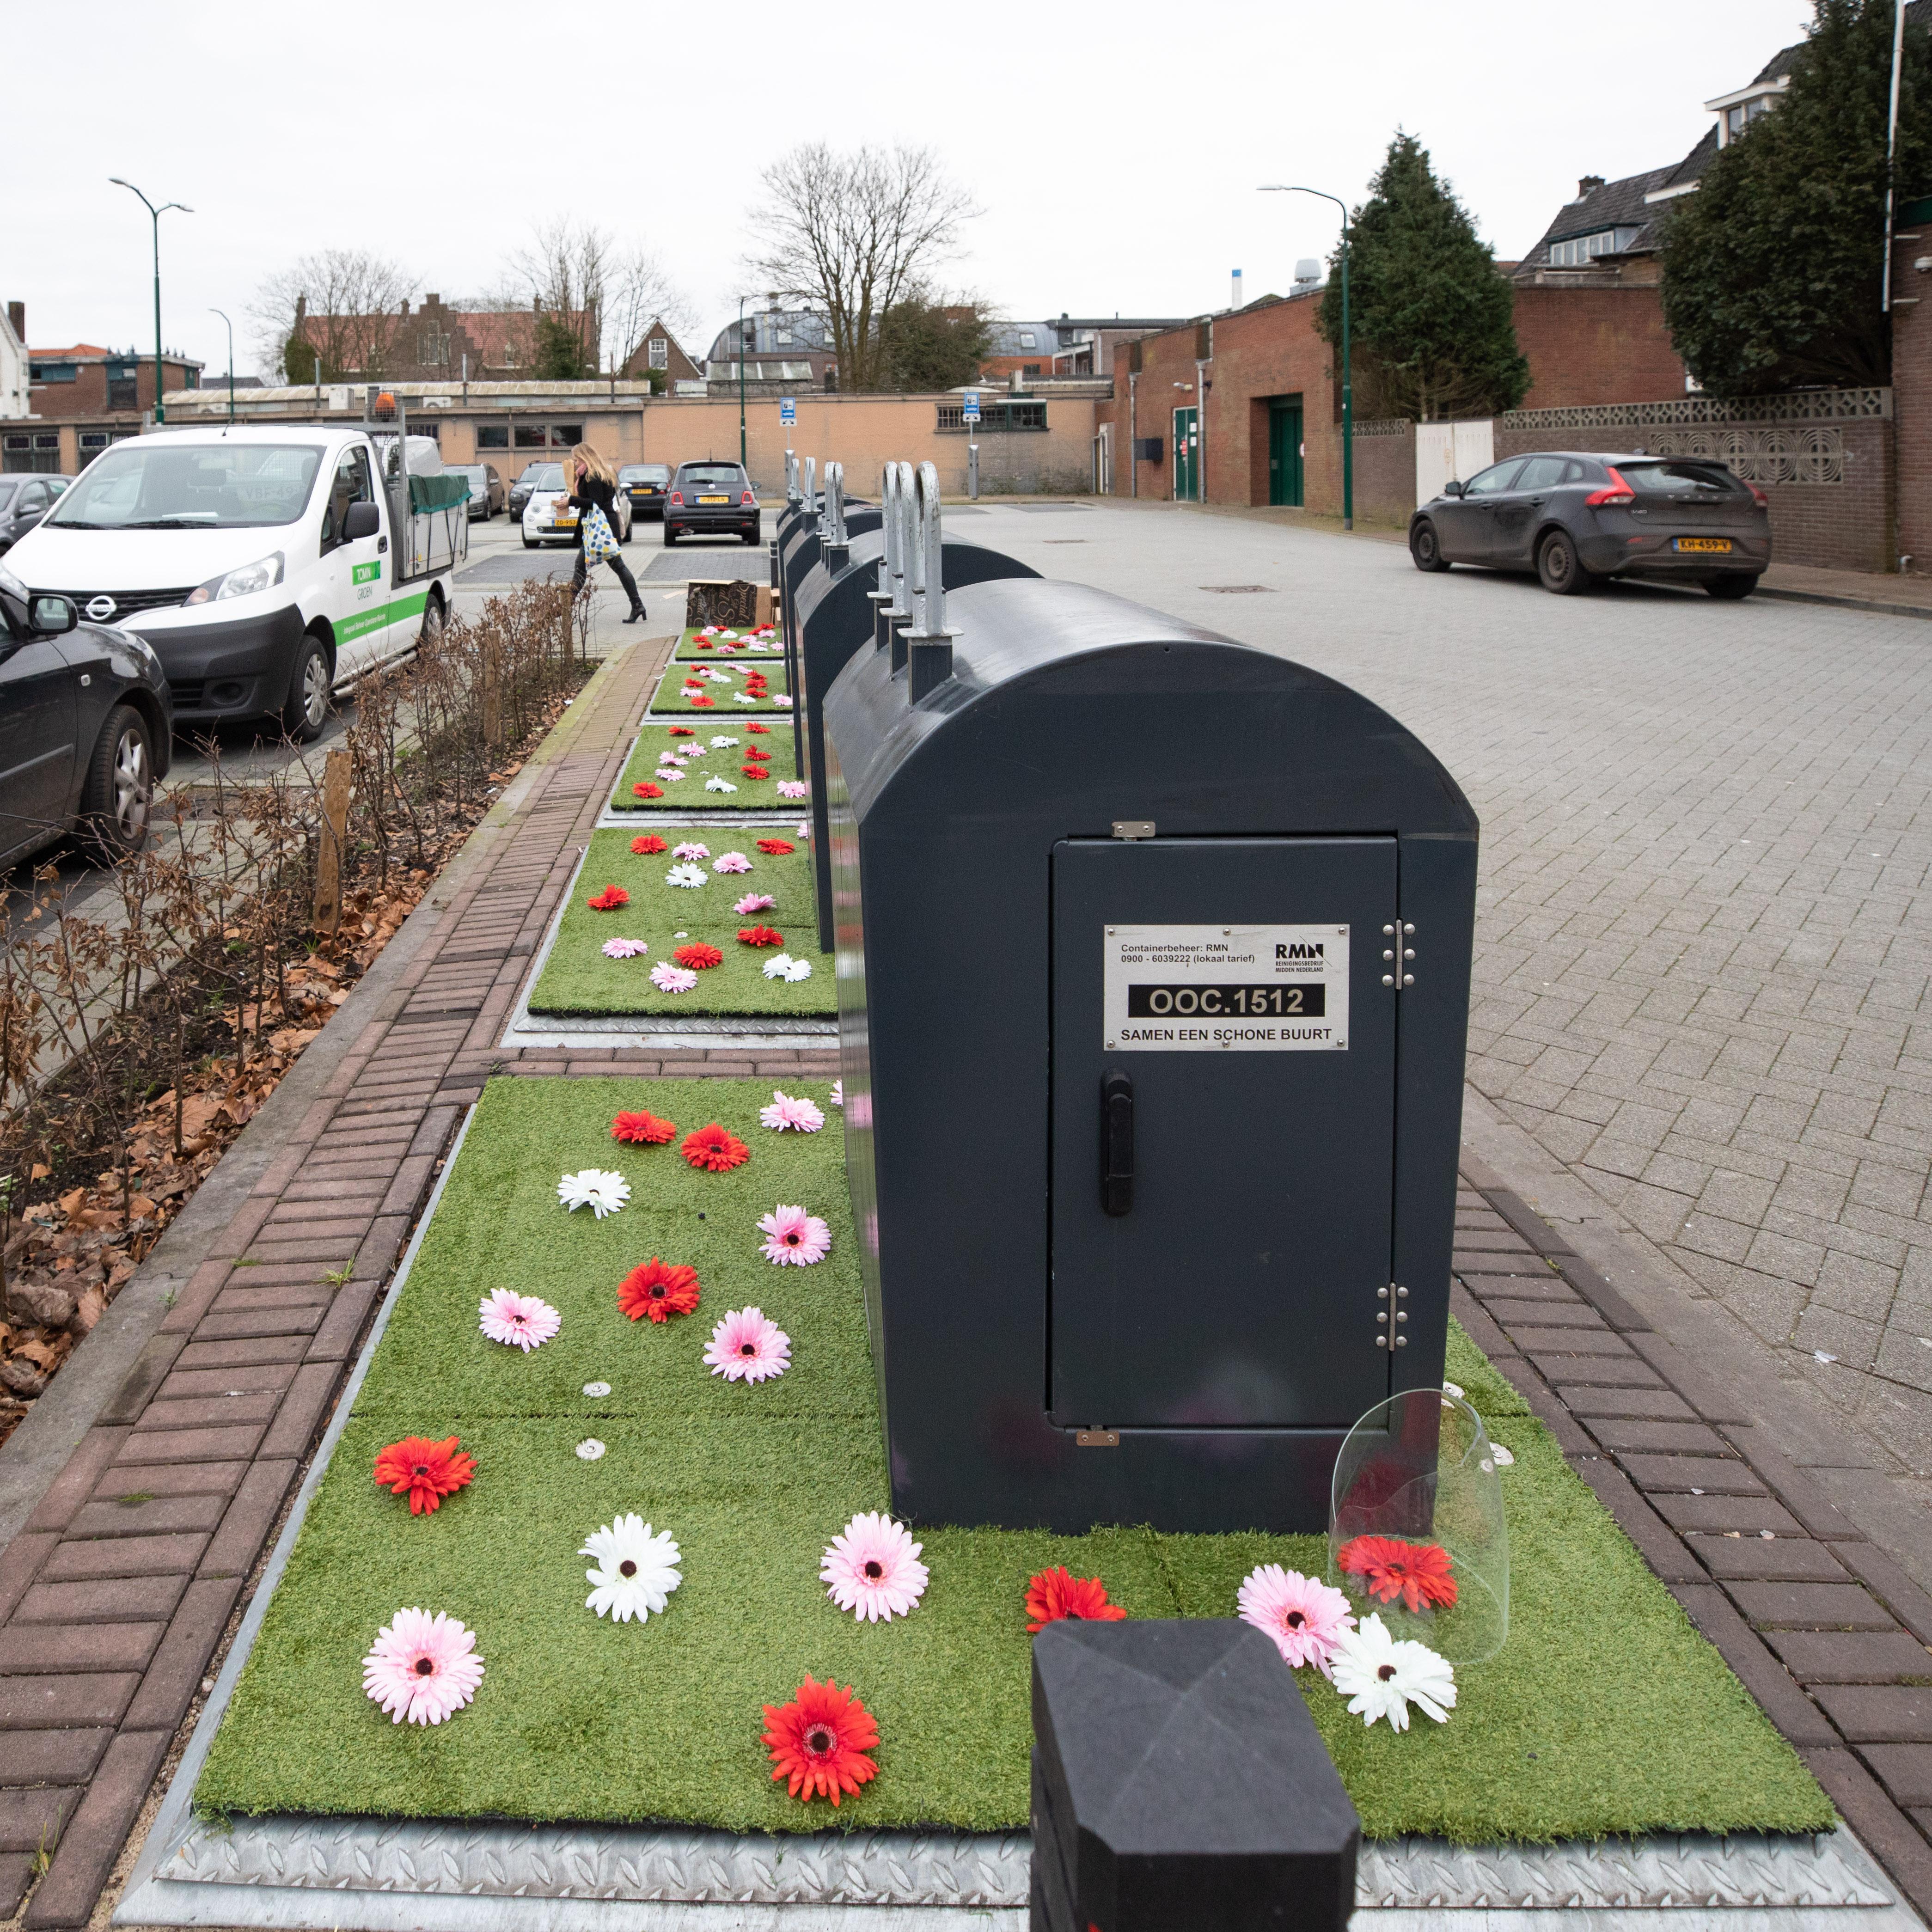 Baarn zet tevergeefs - en per ongeluk veel te vroeg - de bloemetjes buiten; bloemenperkje rond containers weerhoudt inwoners niet van dumpen afval [update]